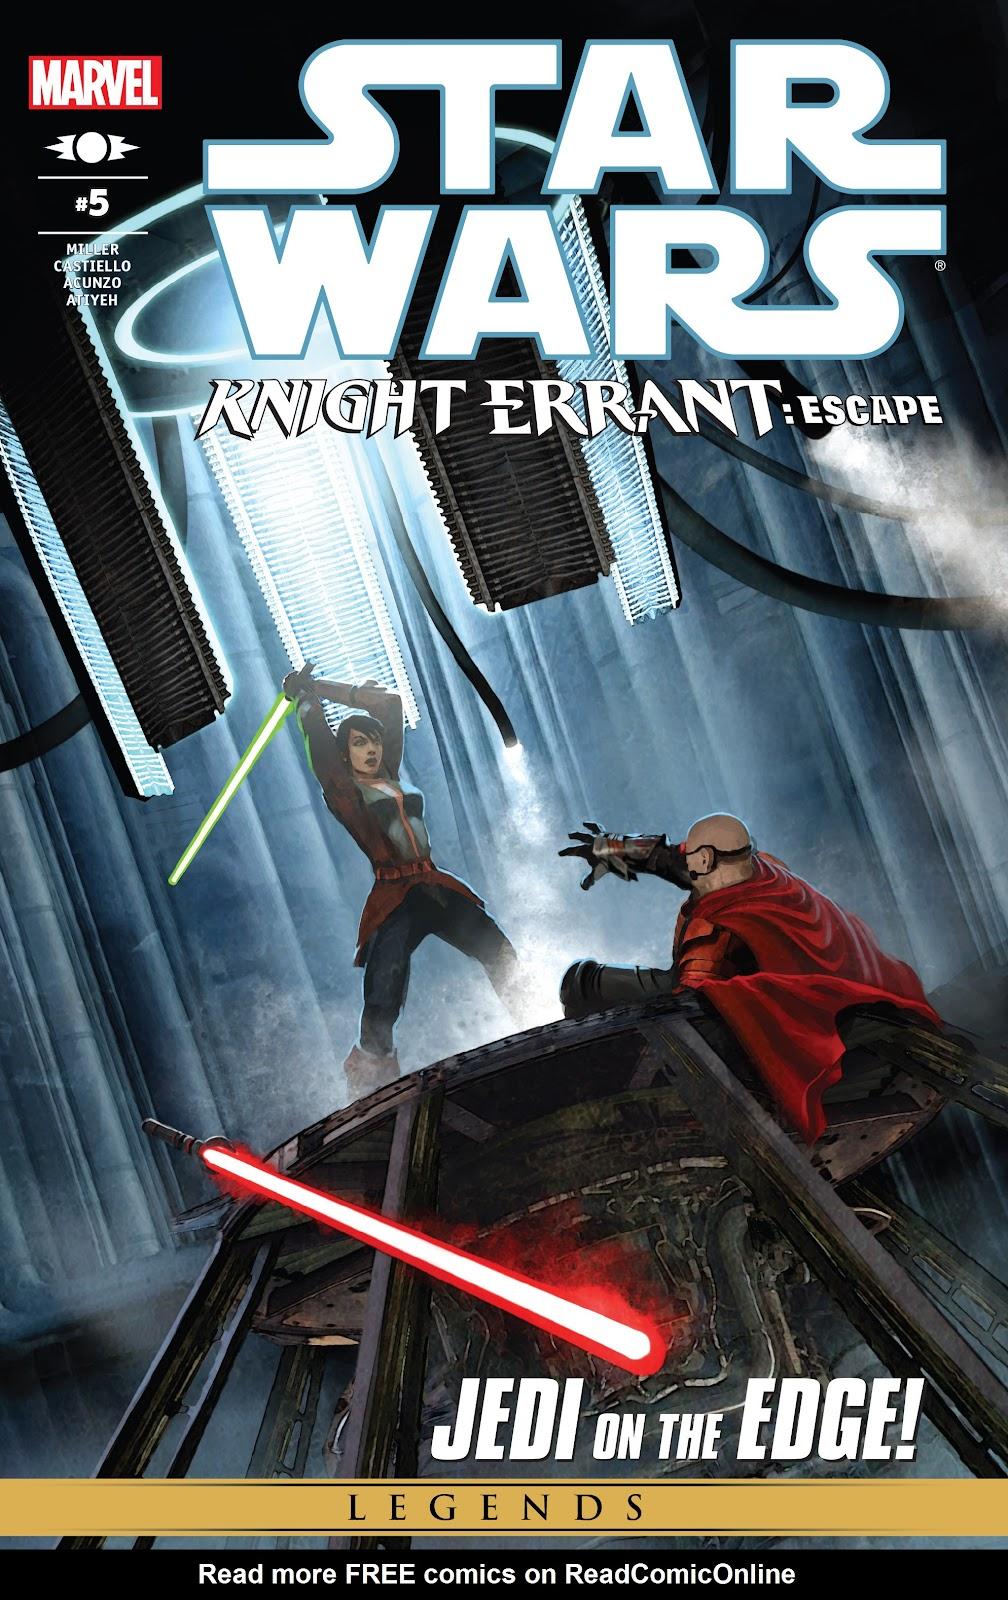 Star Wars: Knight Errant - Escape 5 Page 1